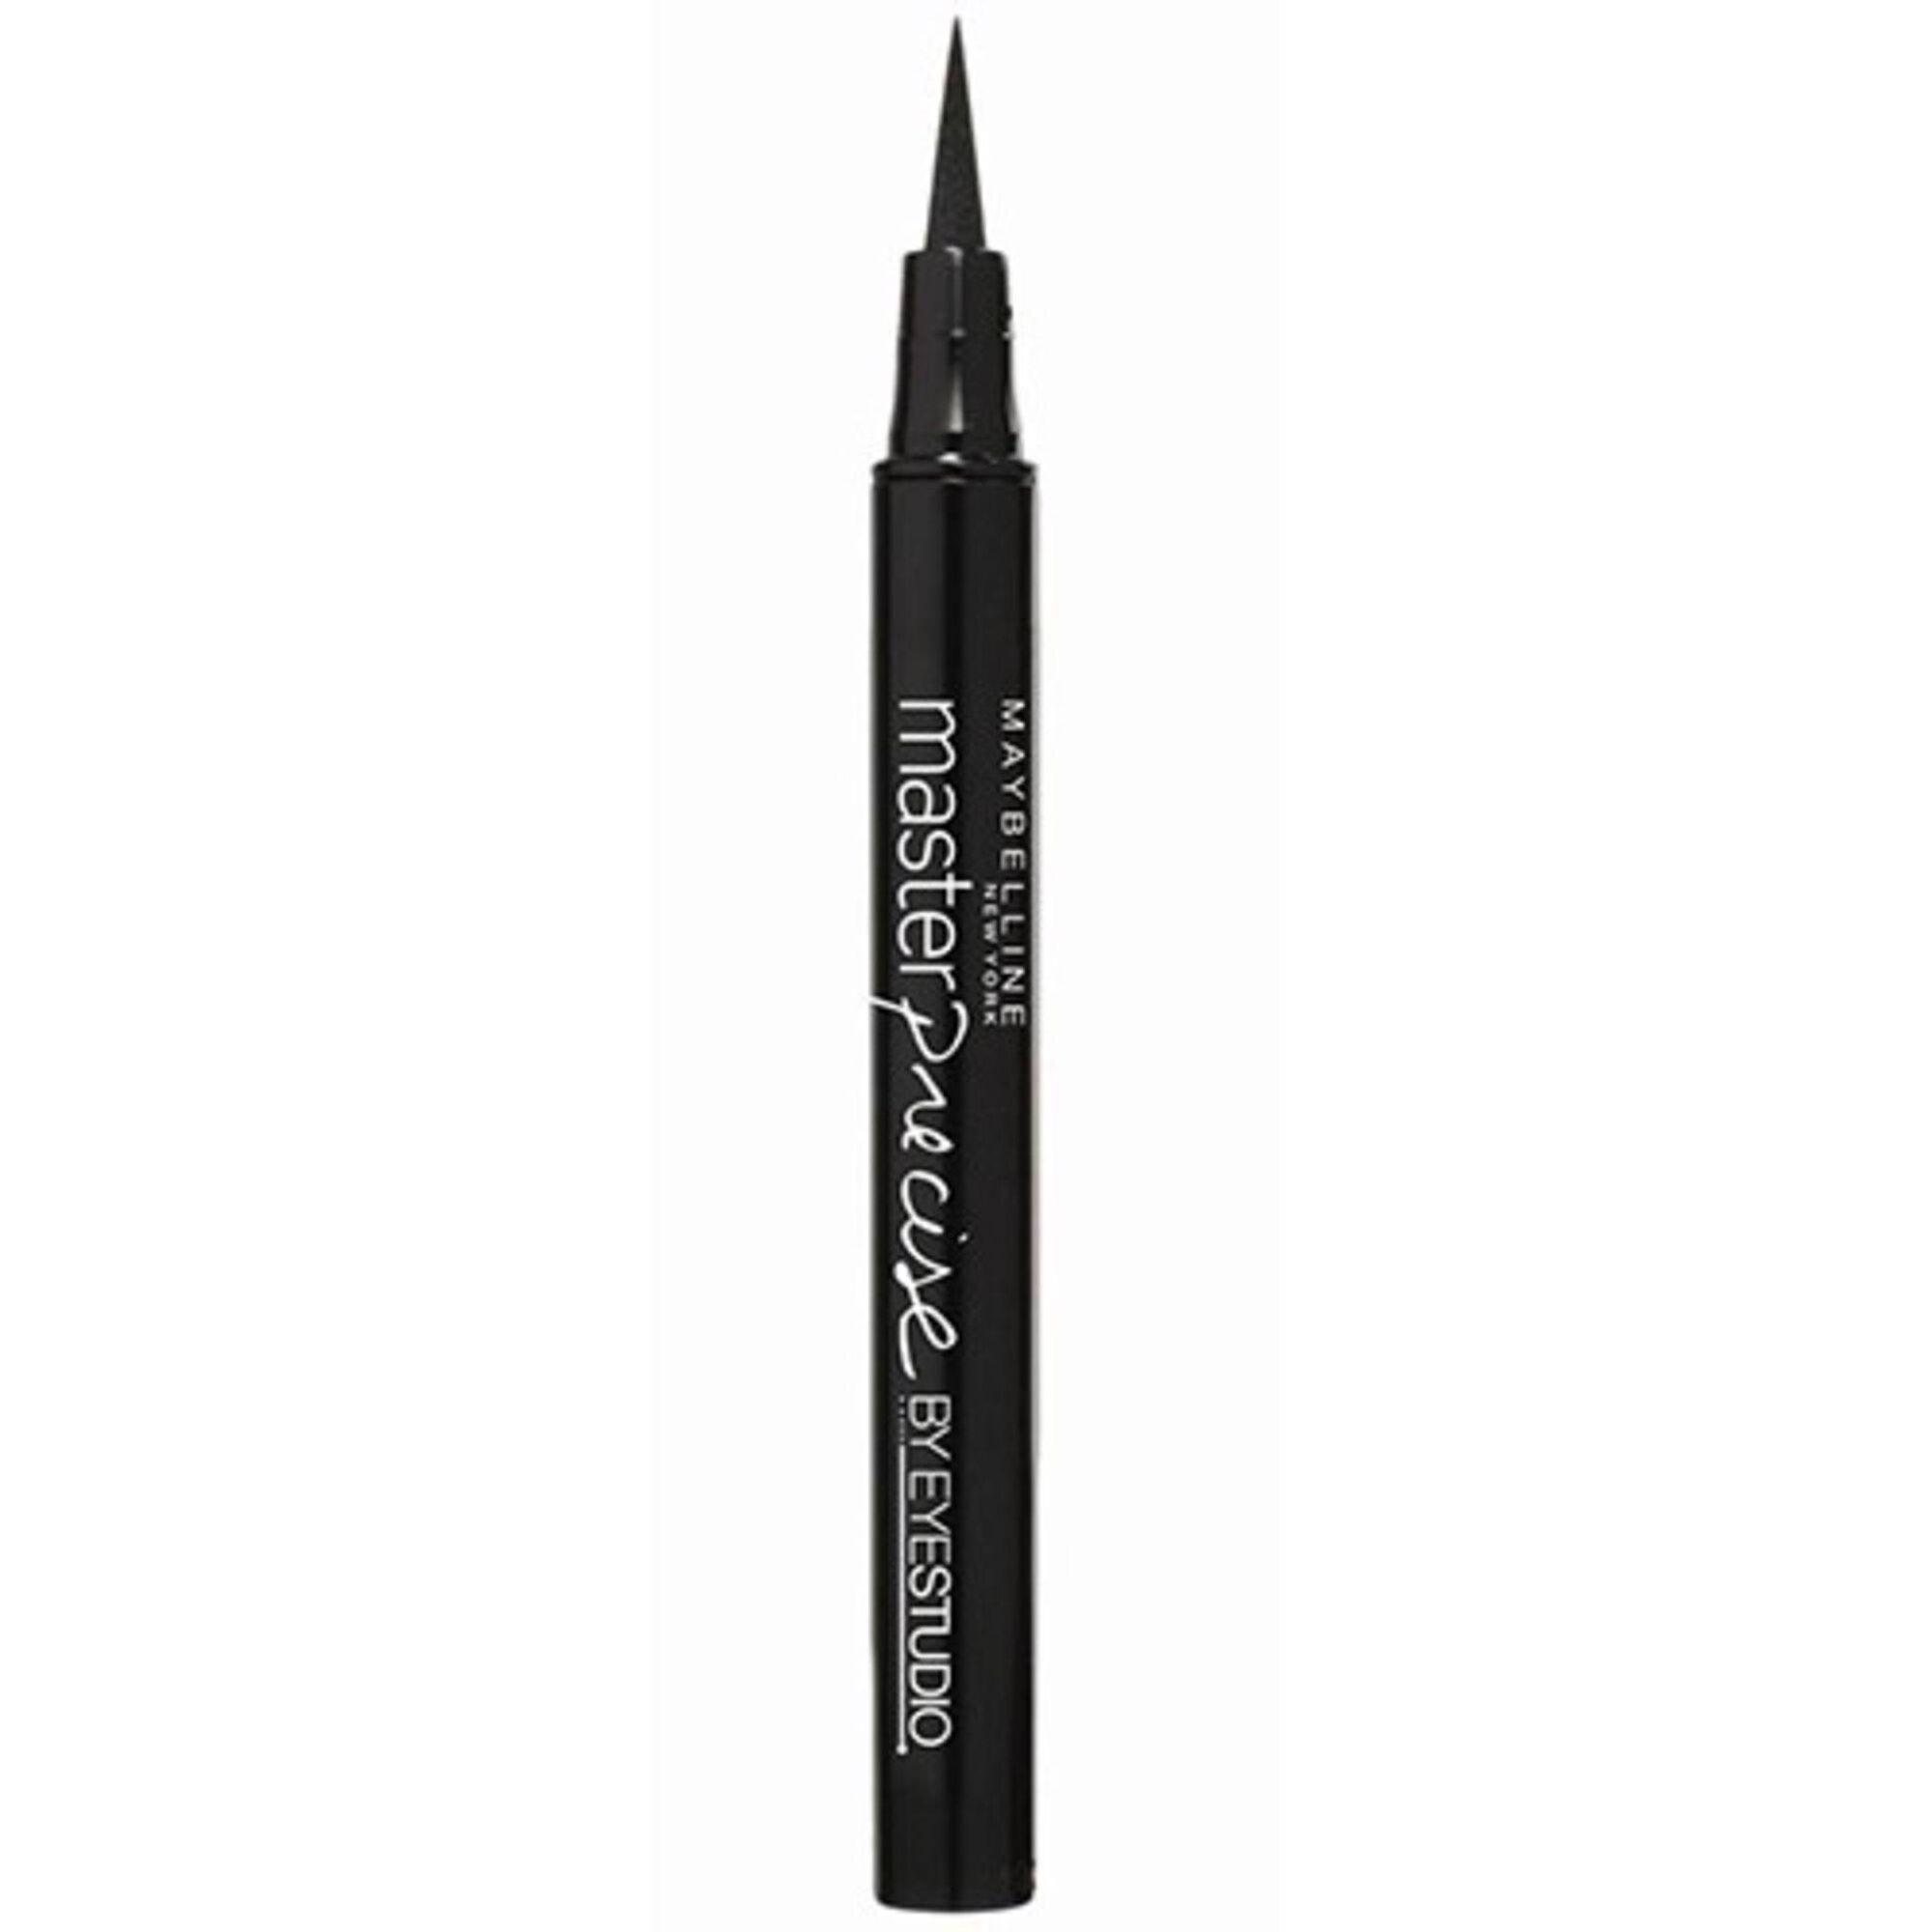 Eyeliner Master Precise Black